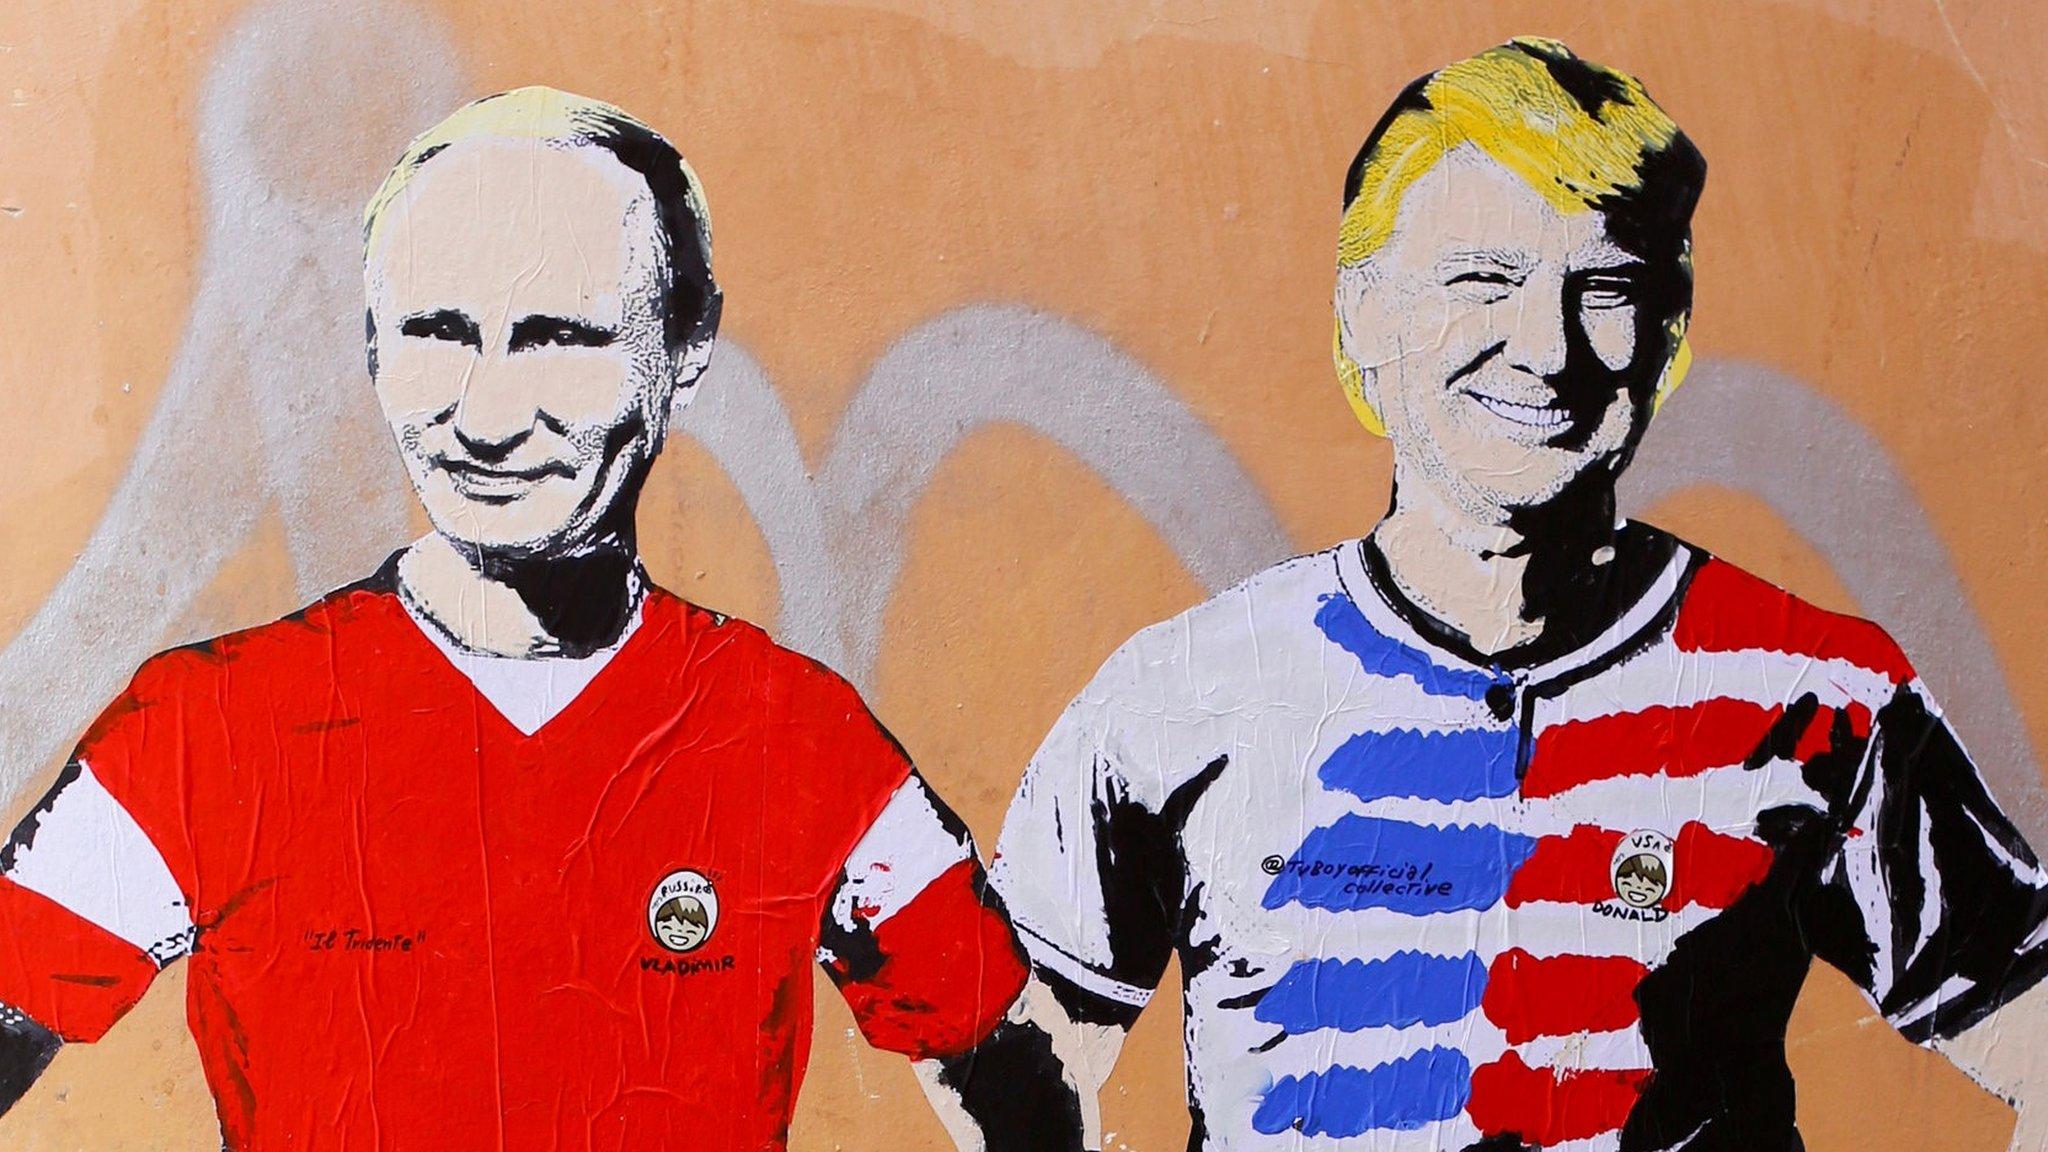 Trump-Putin summit: Why is it a big deal? | BBC